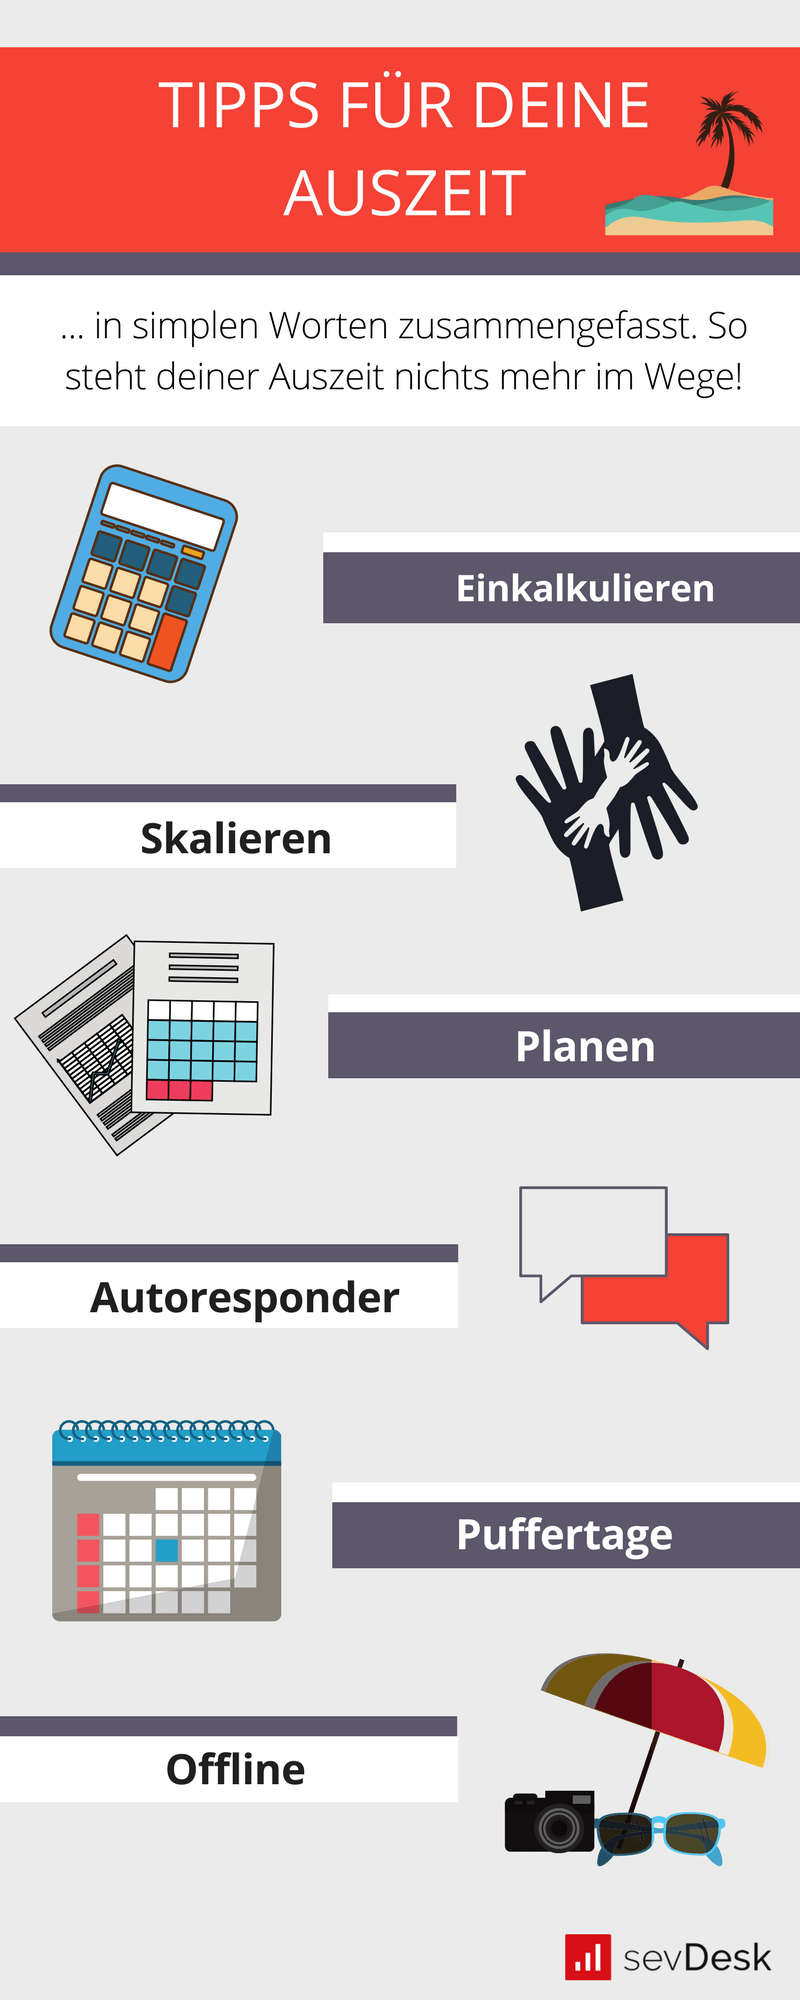 Tipps_fuer_deine_Auszeit